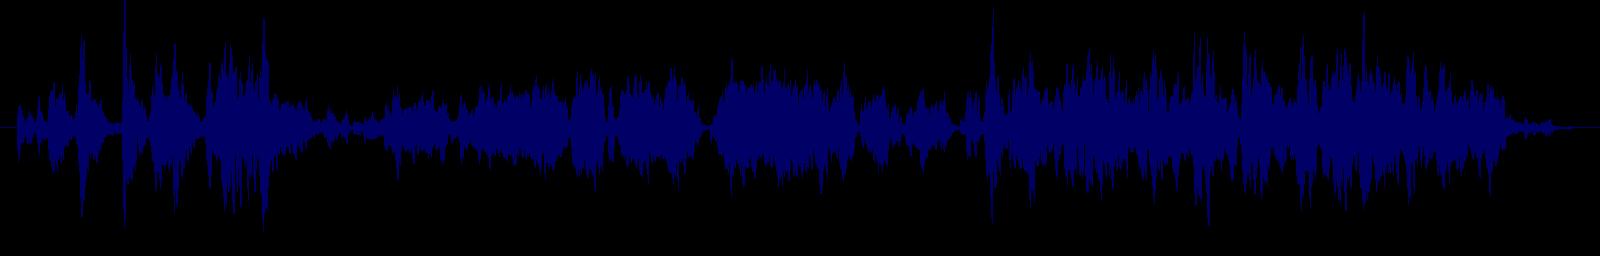 waveform of track #128836